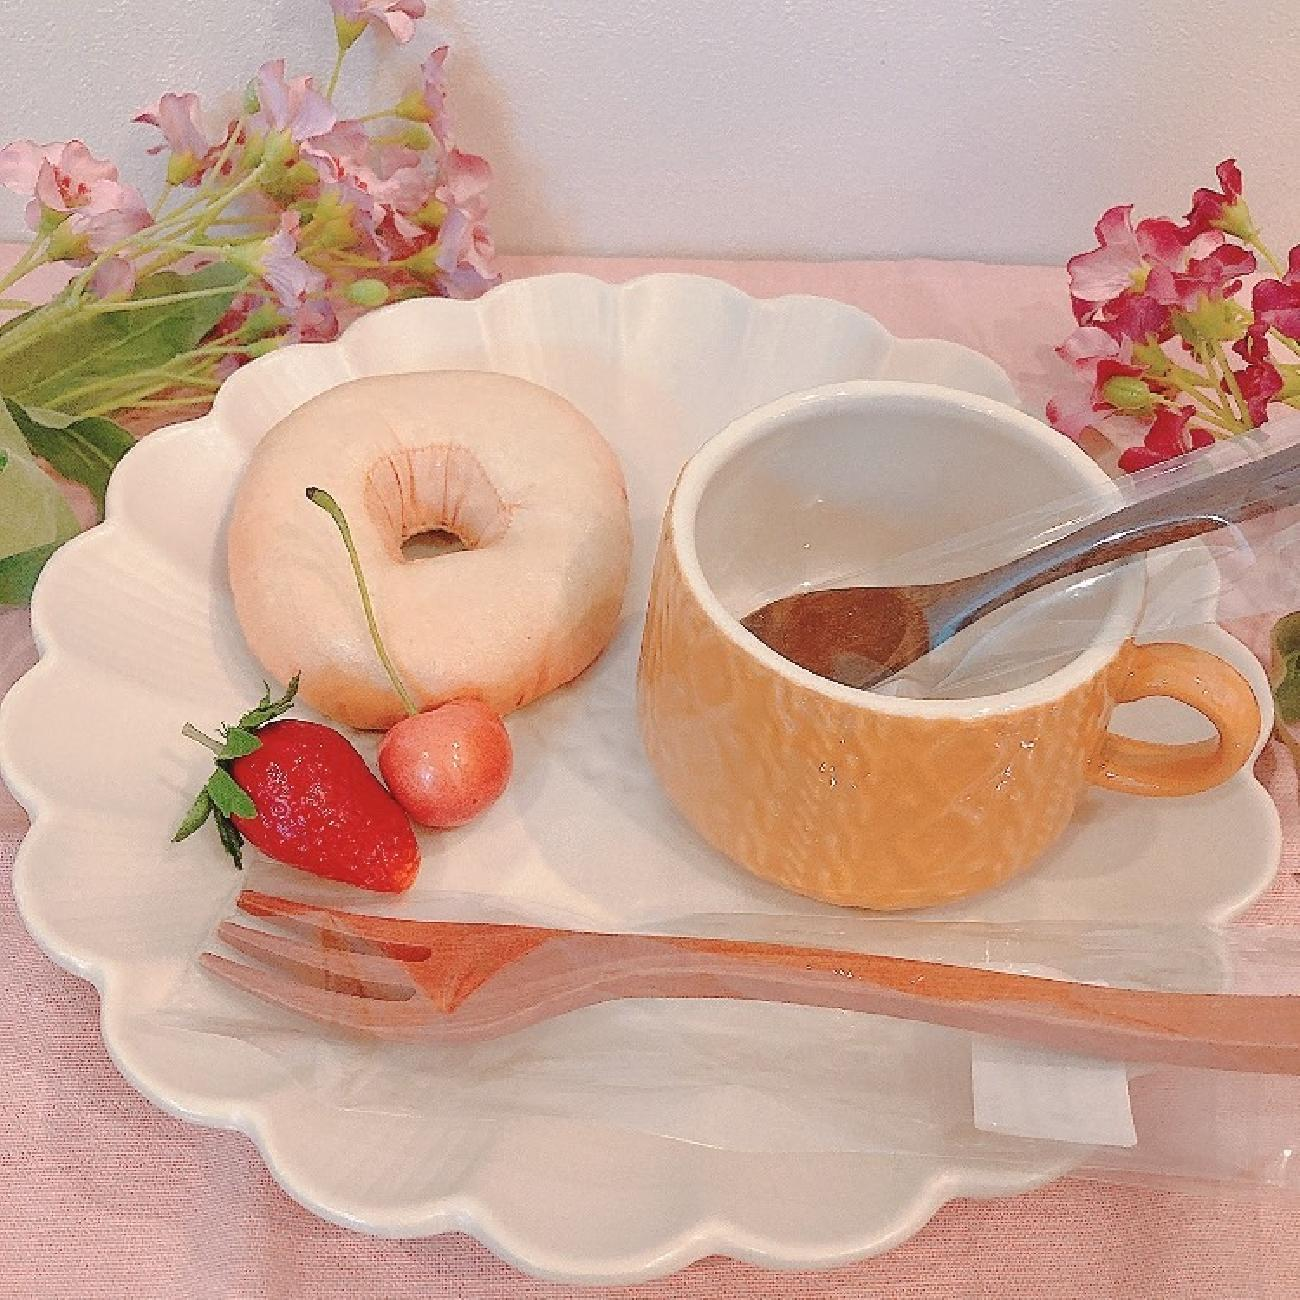 マグカップ/スープカップ/ニット/ニットマグ/ニット柄/スープ/可愛い/冬/温かい/プレゼント/ギフト